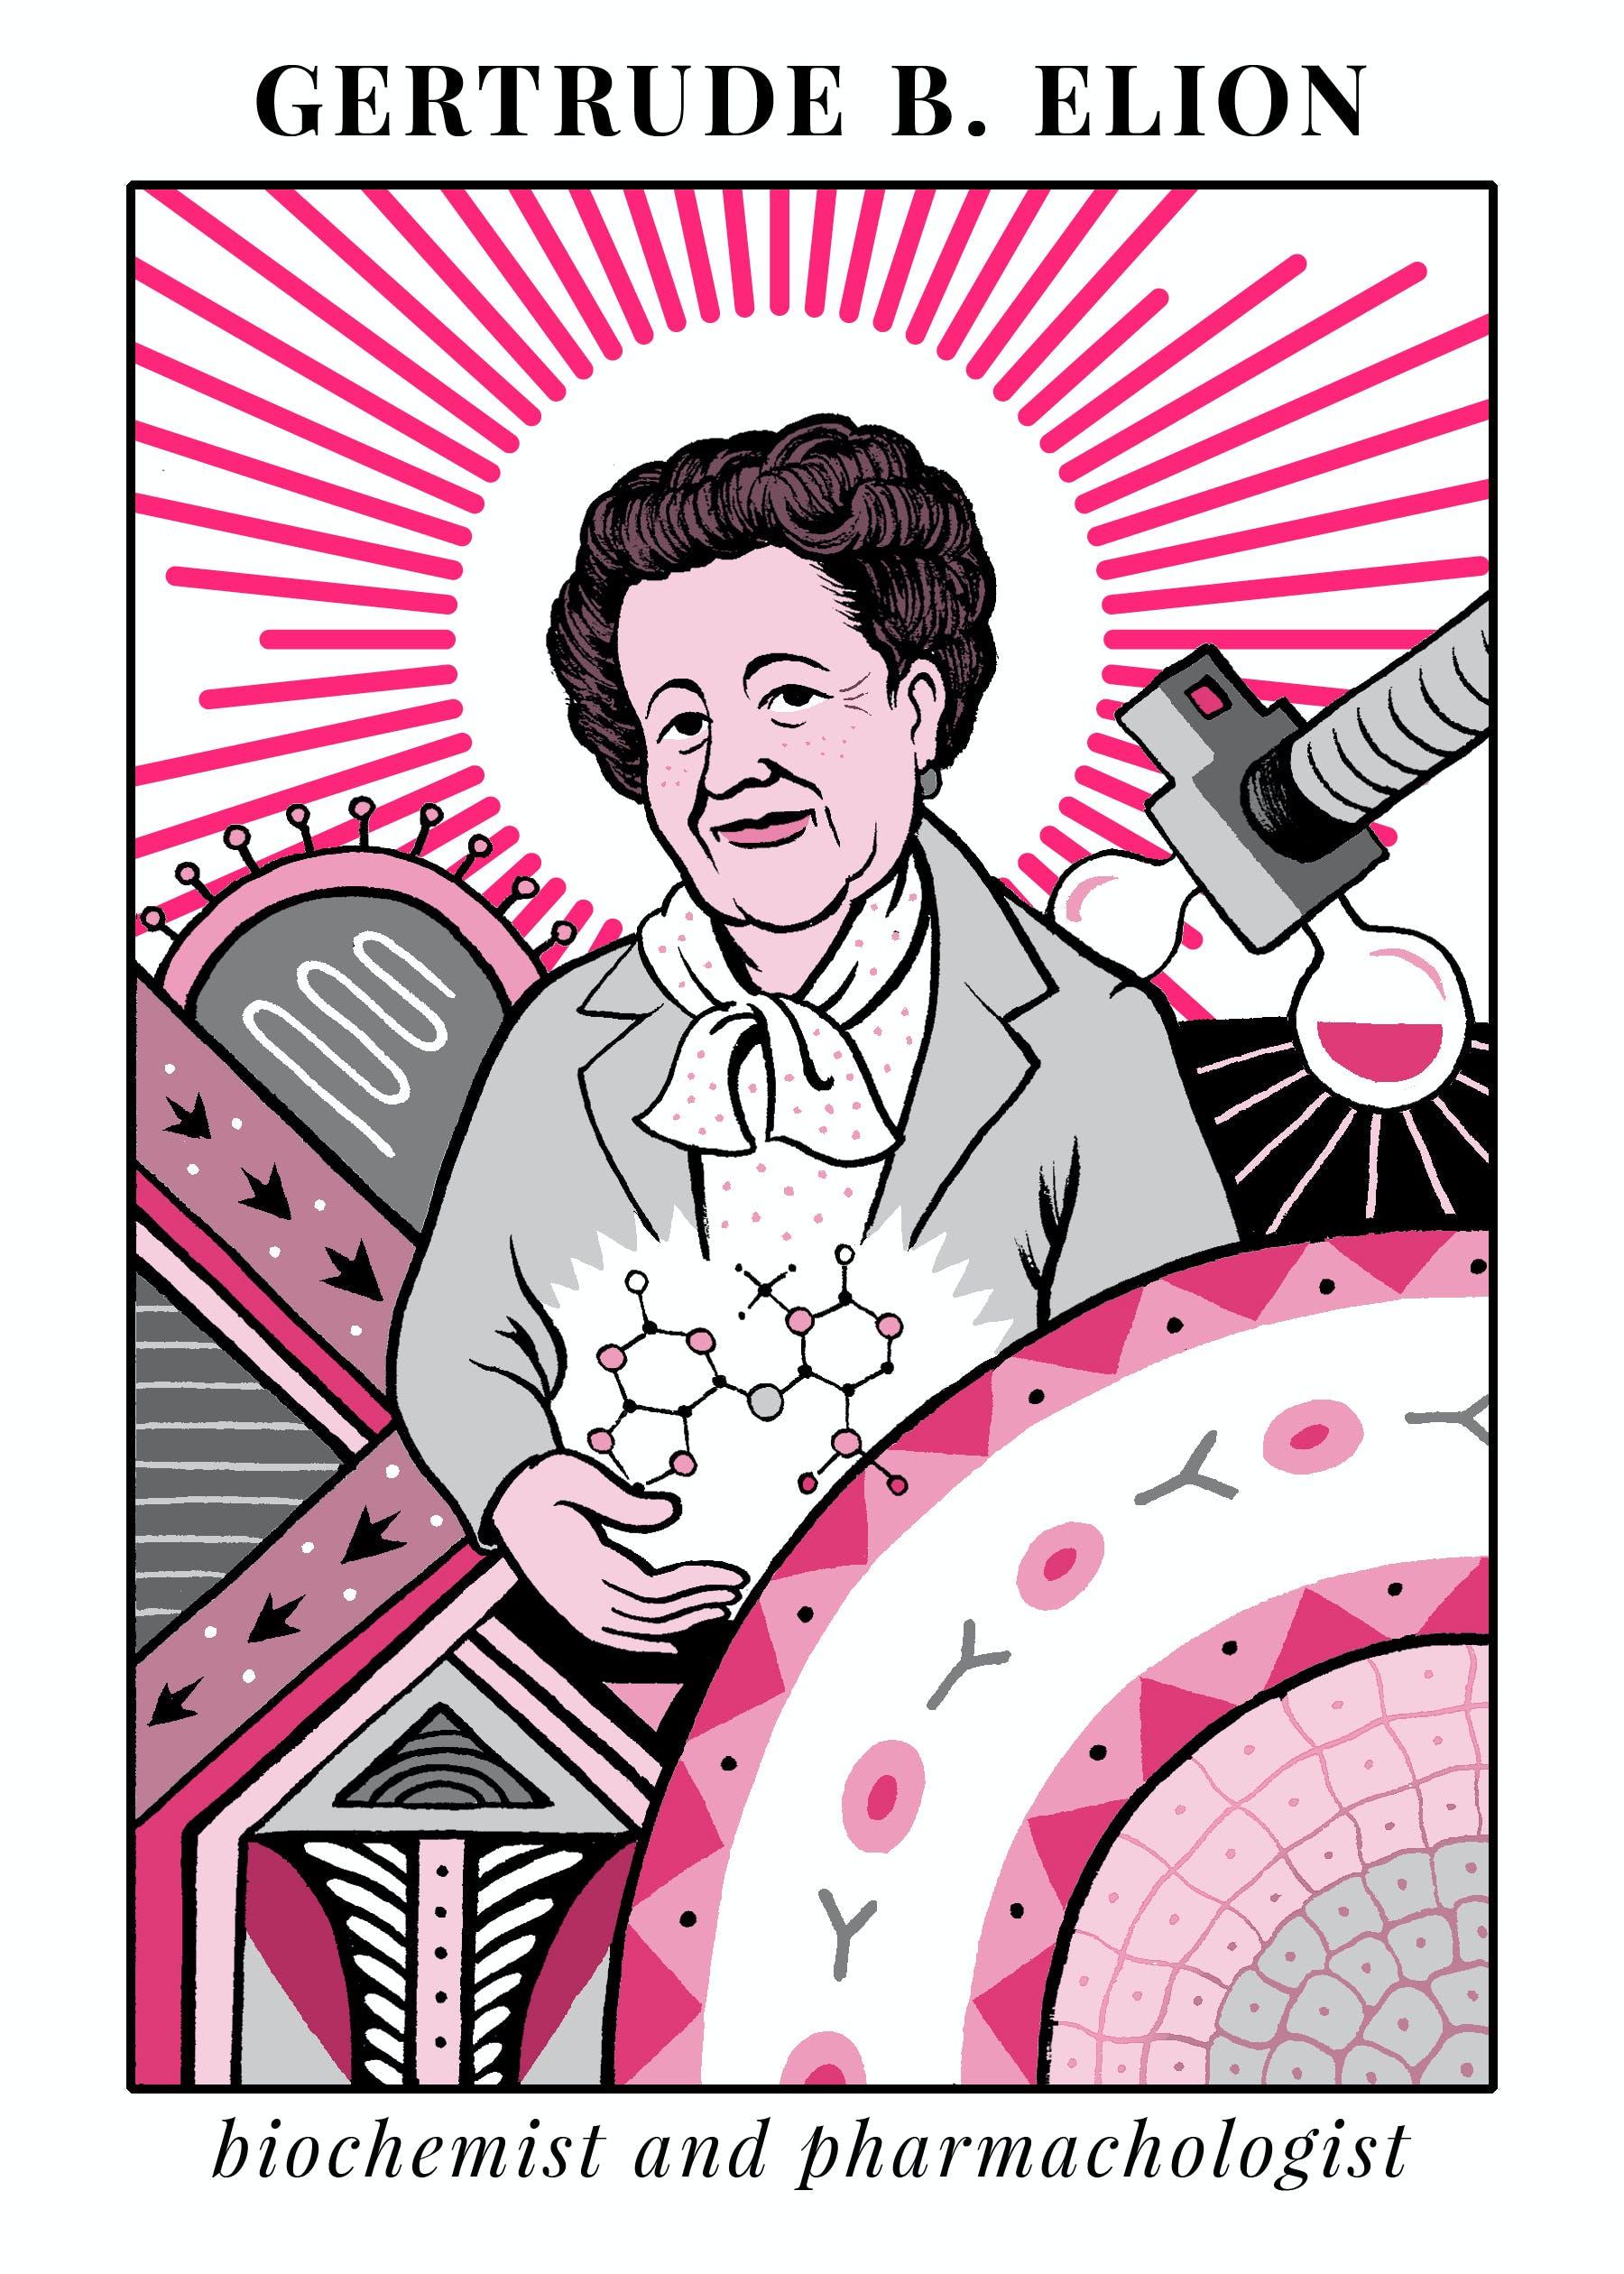 Gertrude Elion illustration